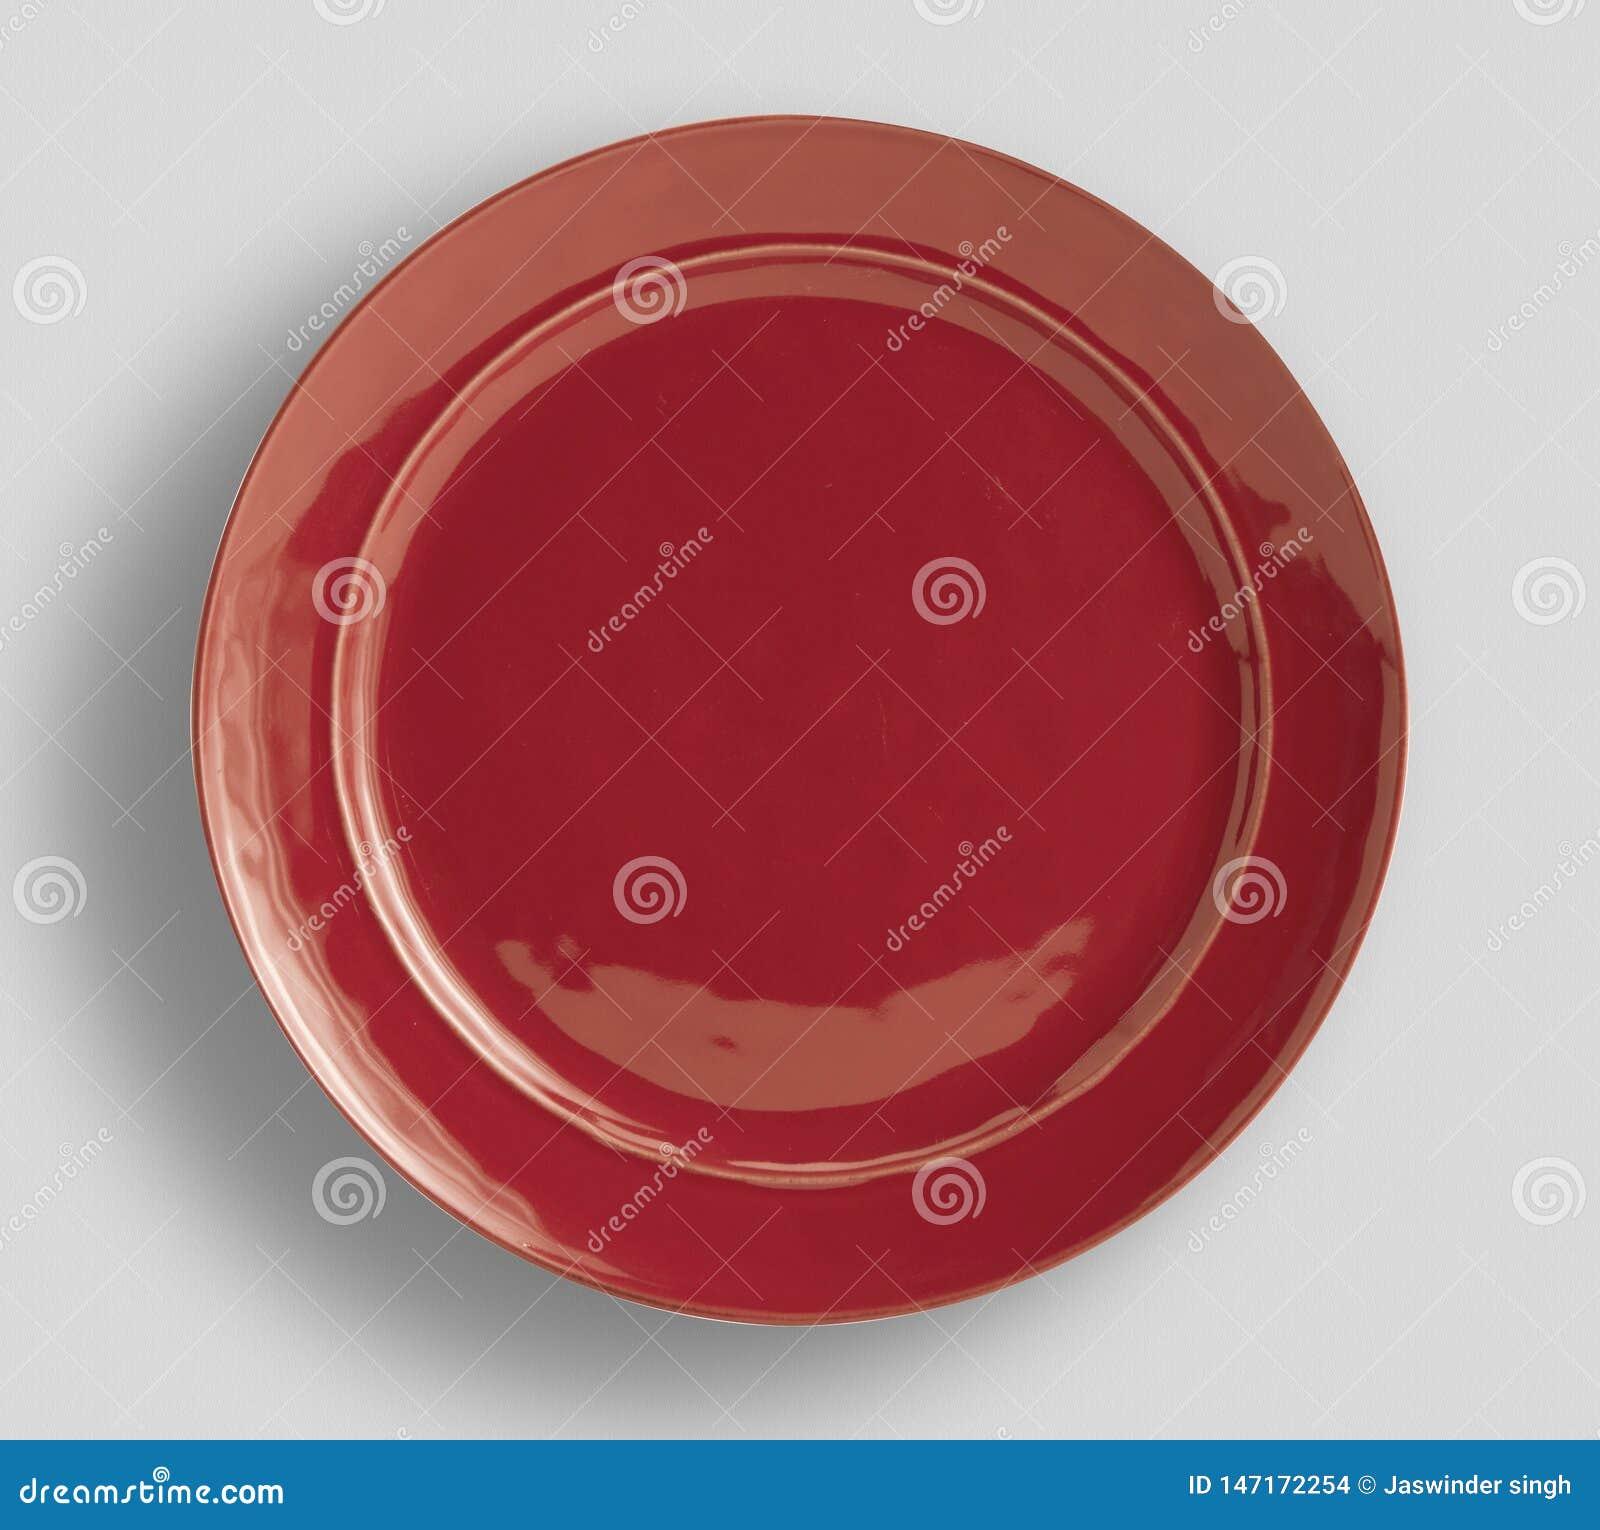 Placa vermelha no fundo branco - imagem